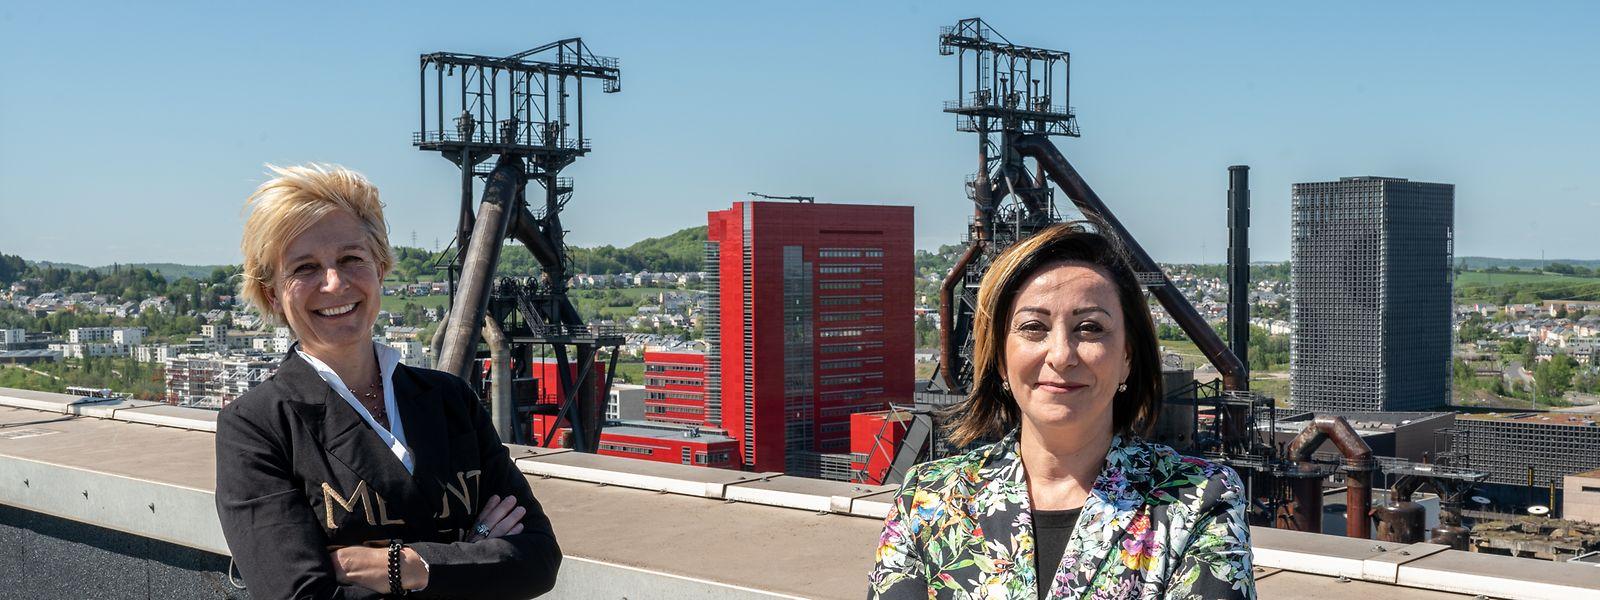 Félicie Weycker, présidente du conseil d'administration du Fonds Belval, et Daniela di Santo, nouvelle directrice de l'établissement public.